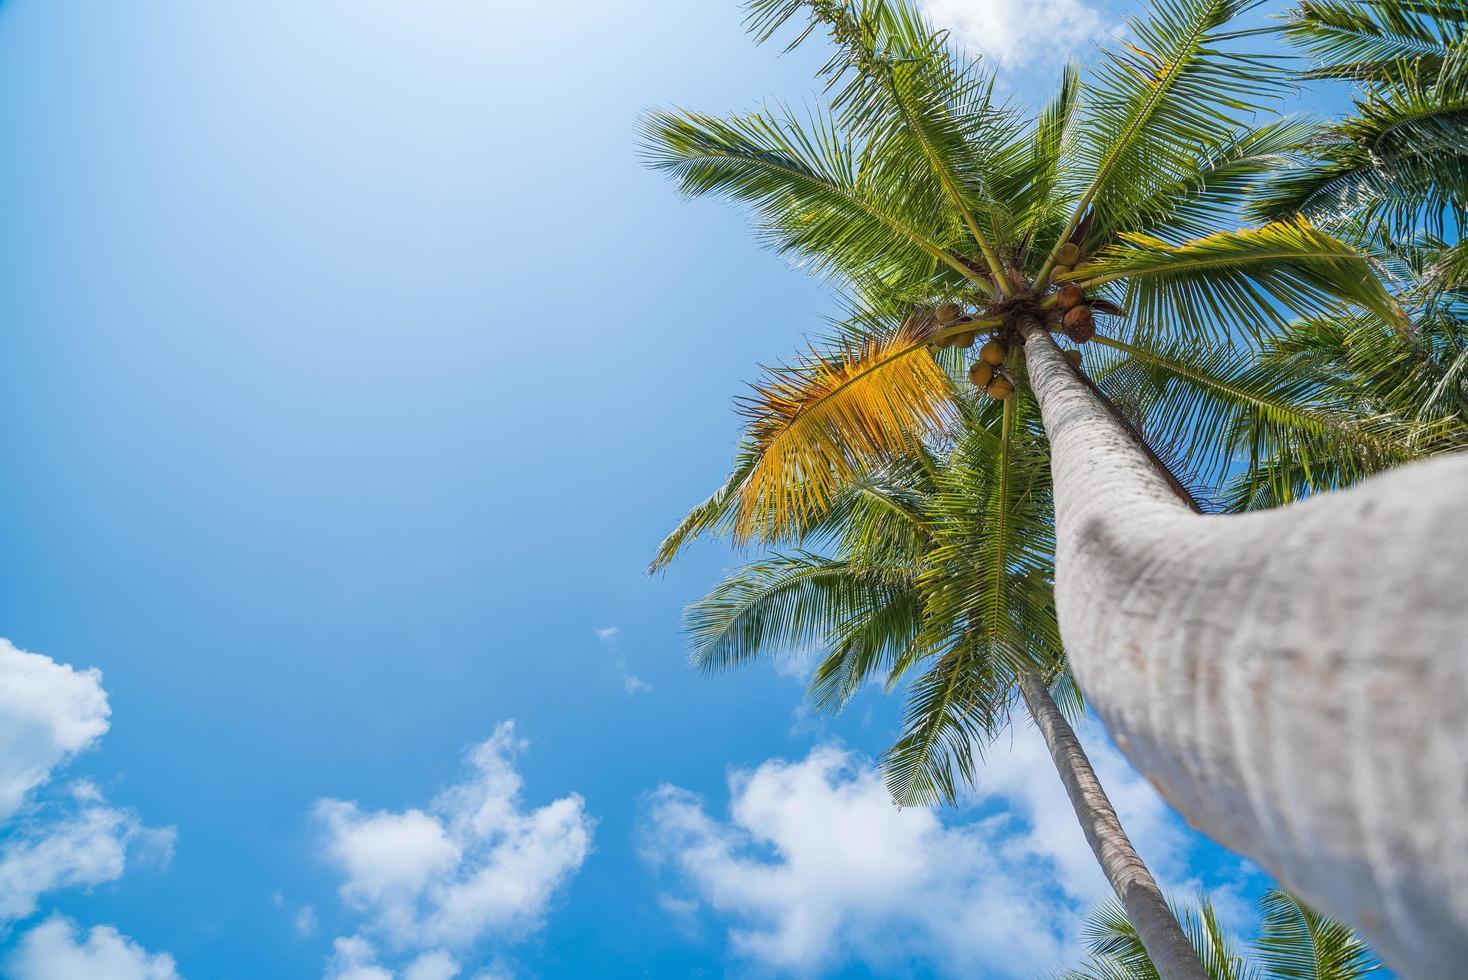 palme e cielo blu foto